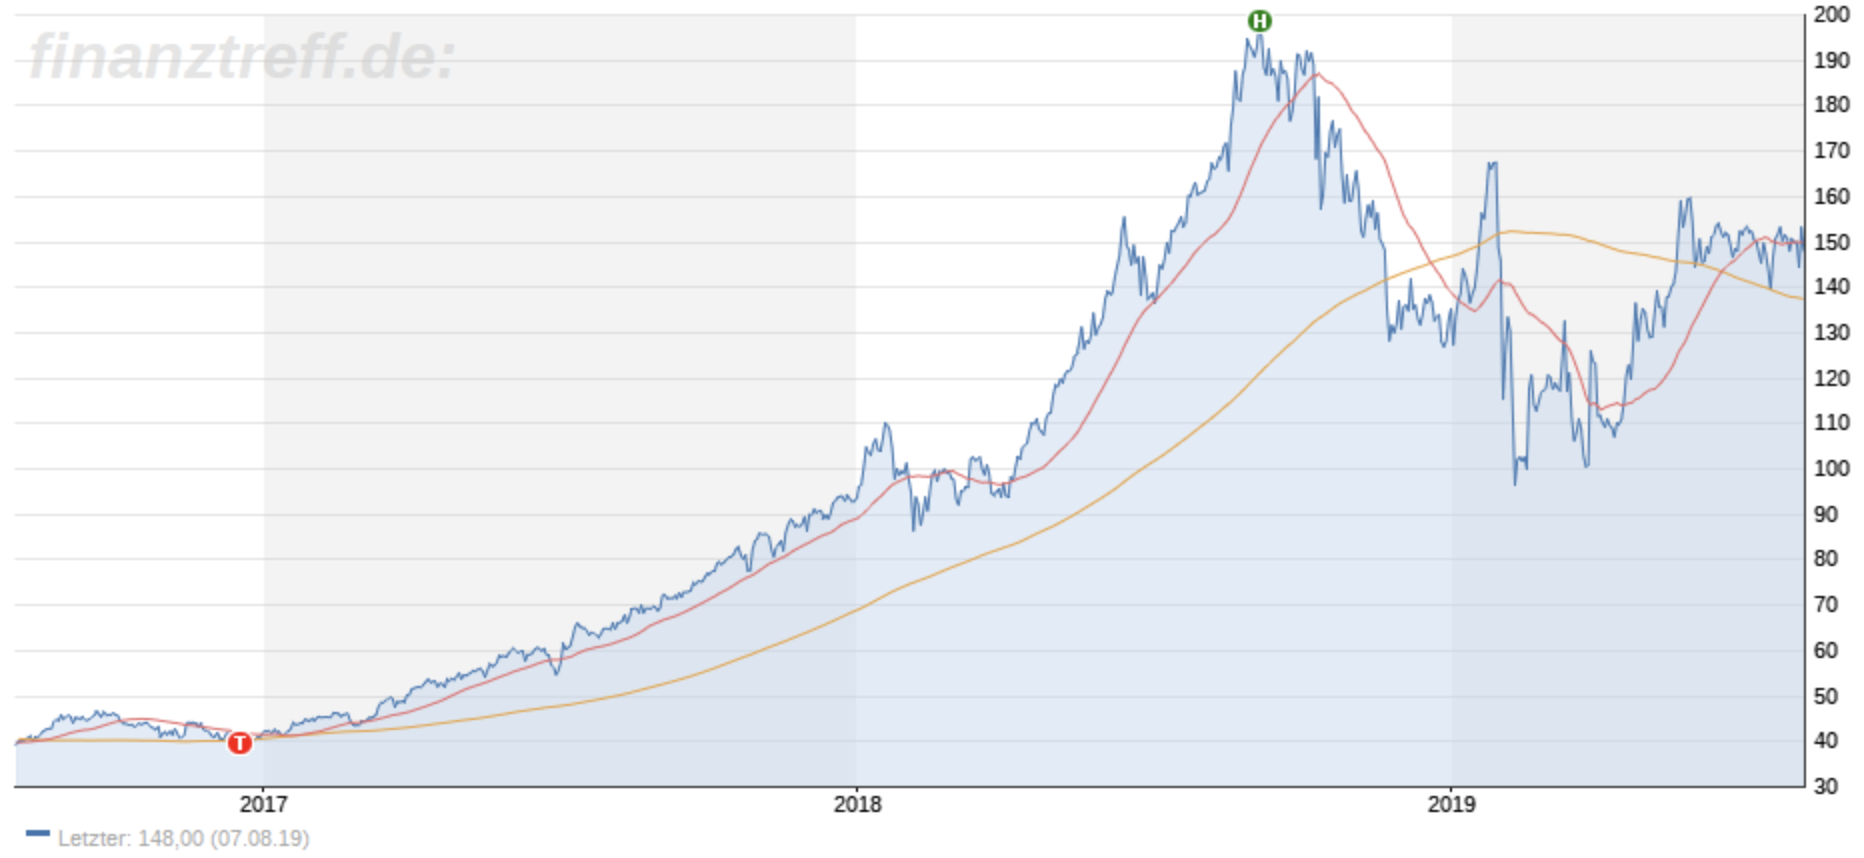 Aktie Wirecard AG im Chart 3 Jahre